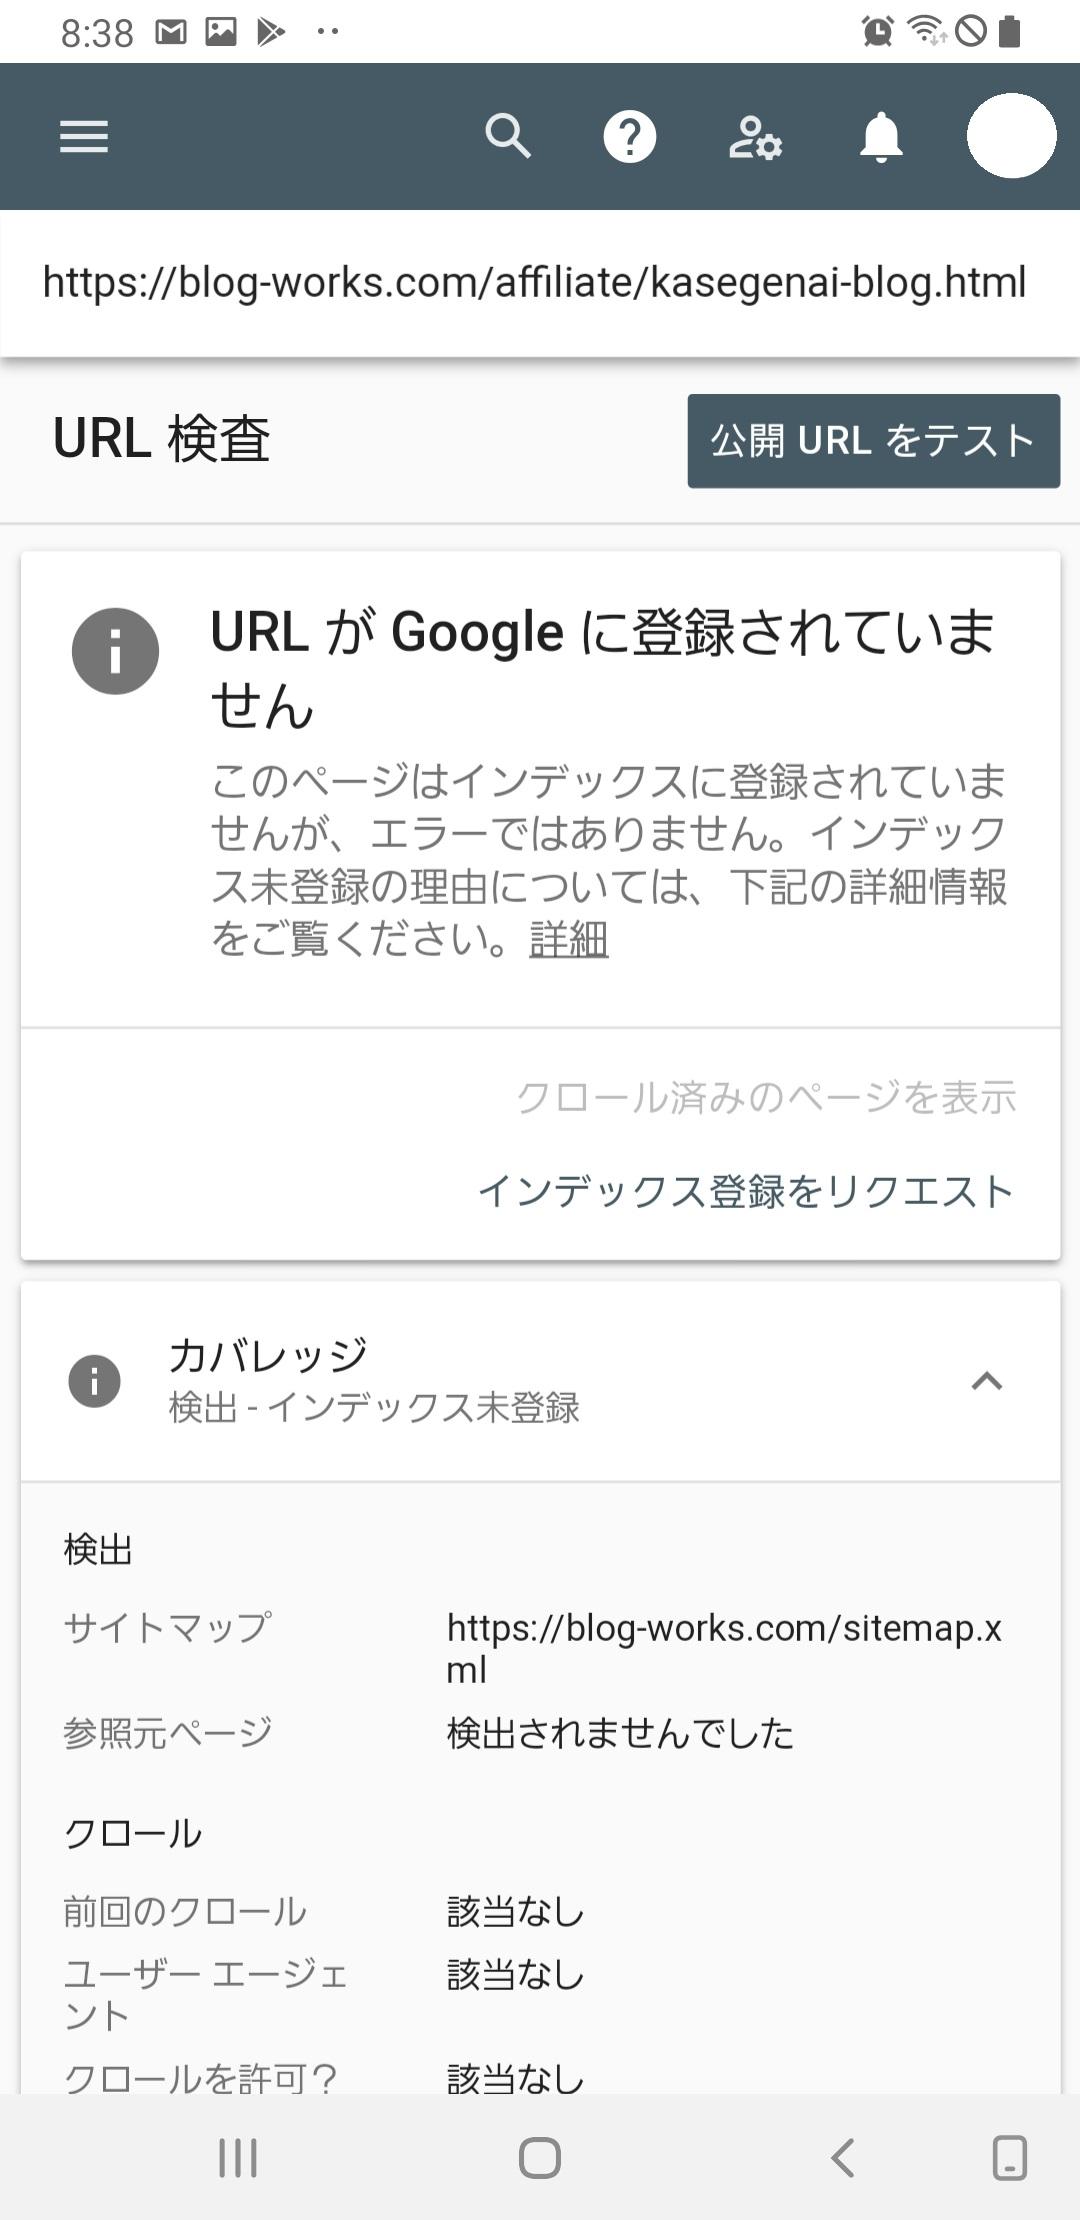 Google Serch Console インデックスに登録されていない